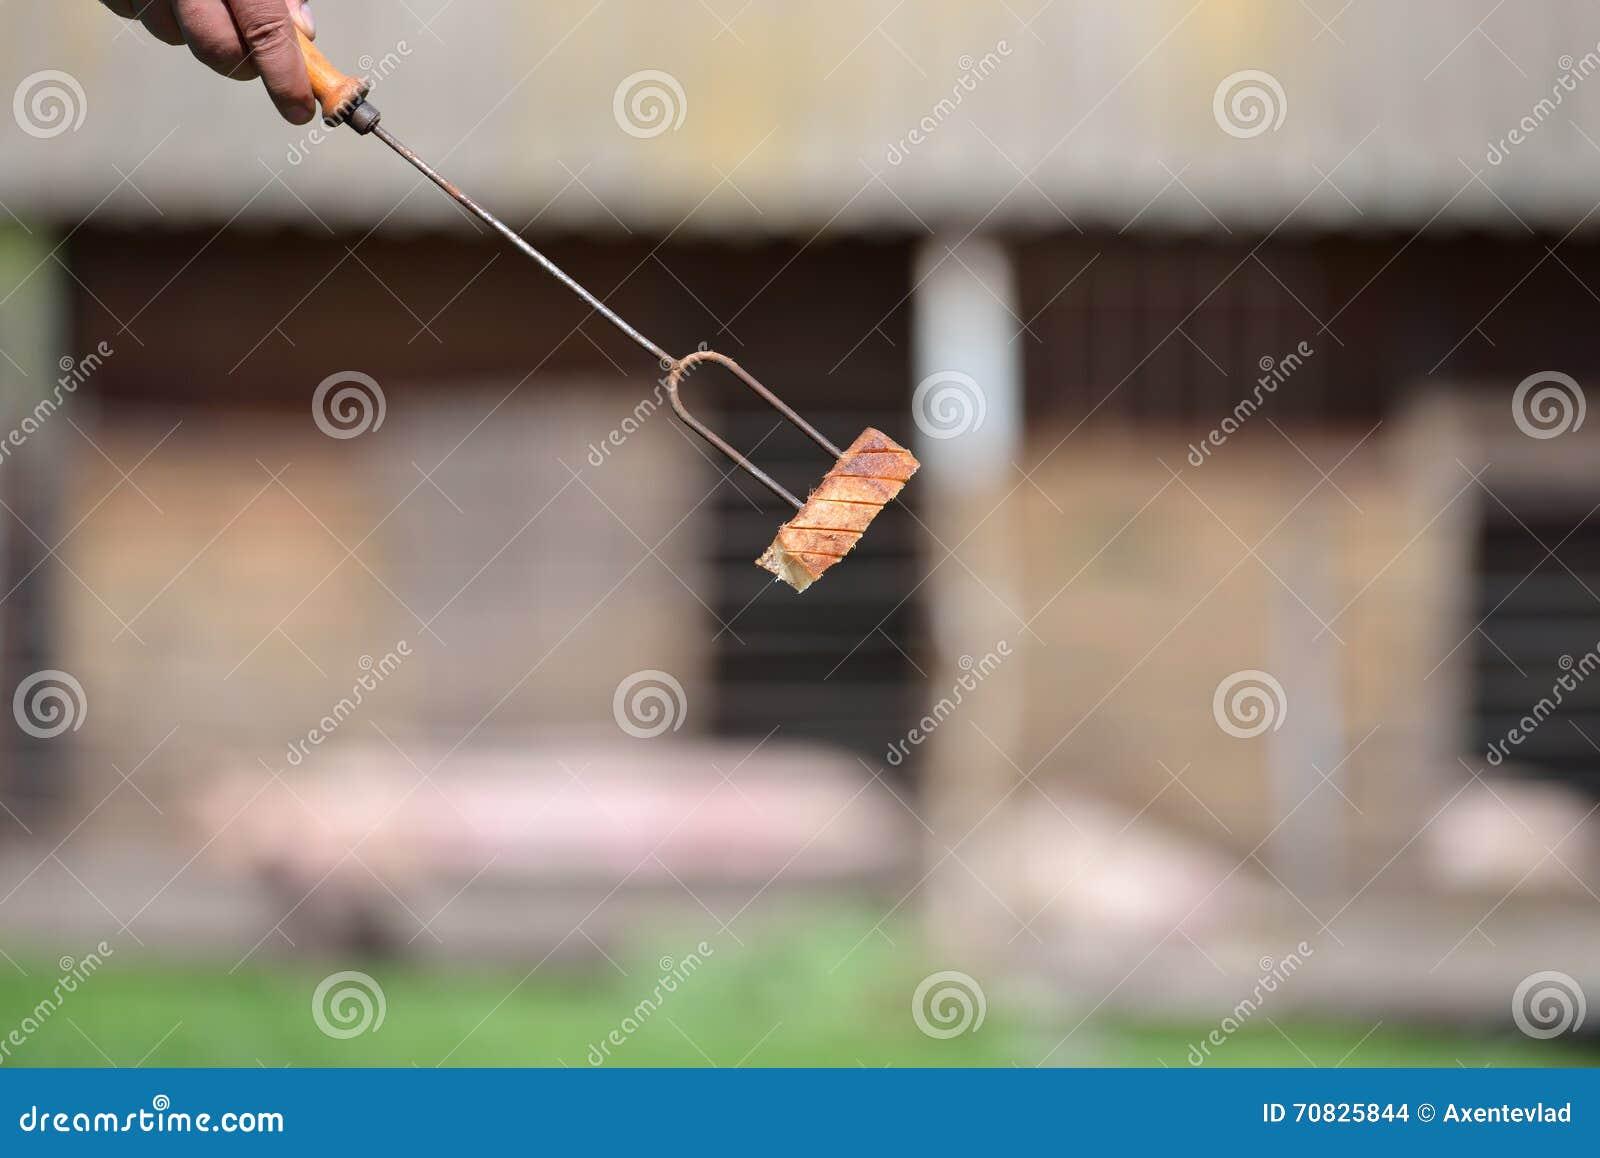 Hand einer Person, die eine Gabel mit einer Scheibe des Speckes für Stange hält